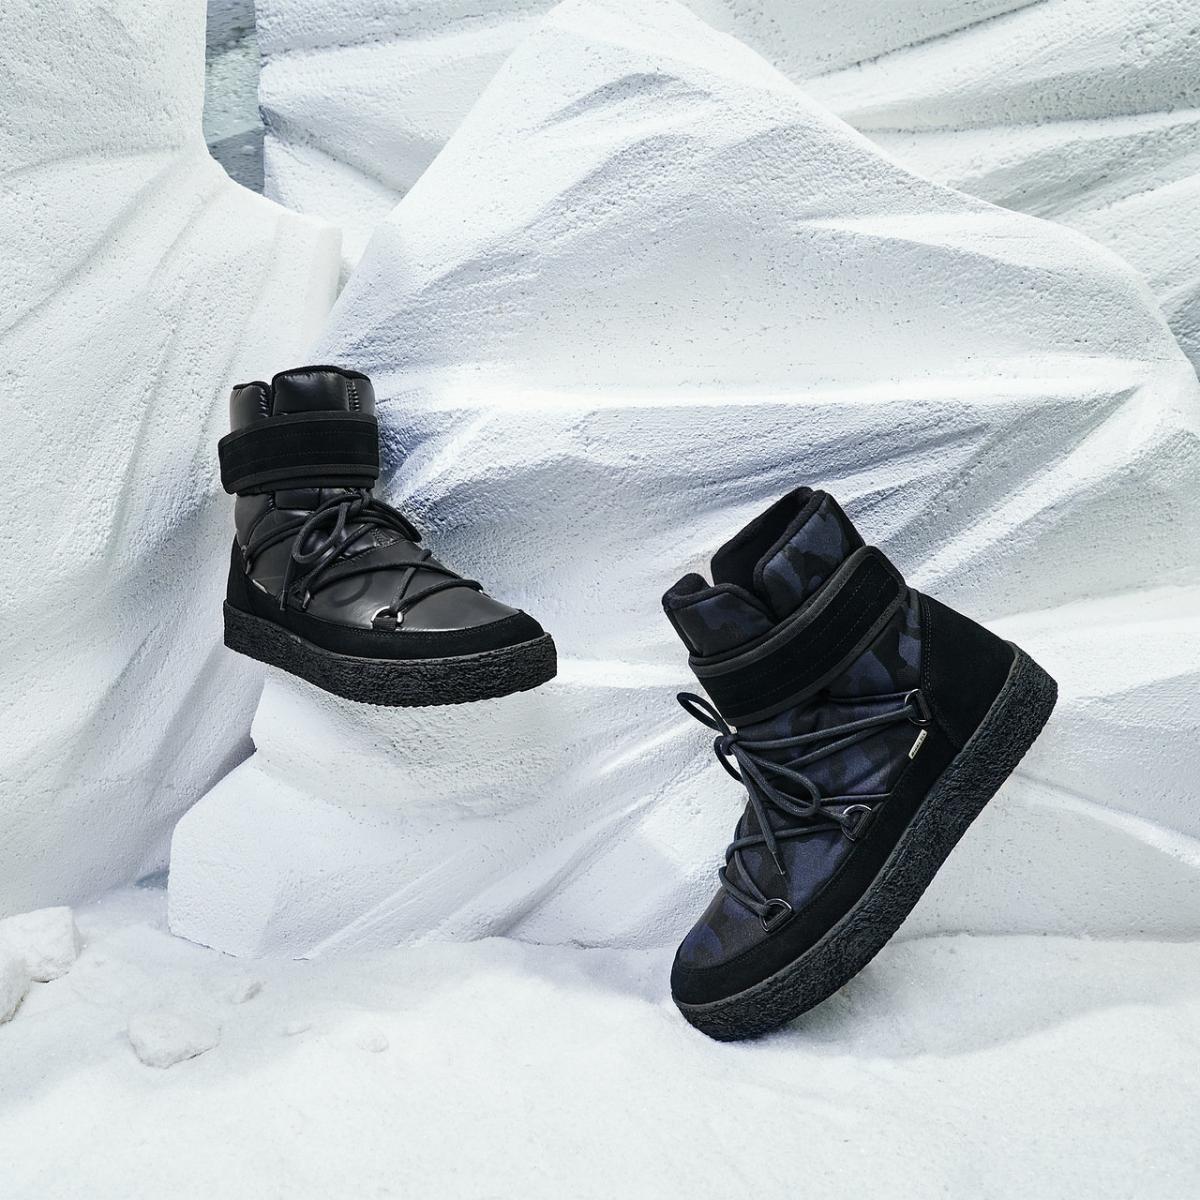 Casual urban сапоги для мужчин на зиму от Jog Dog